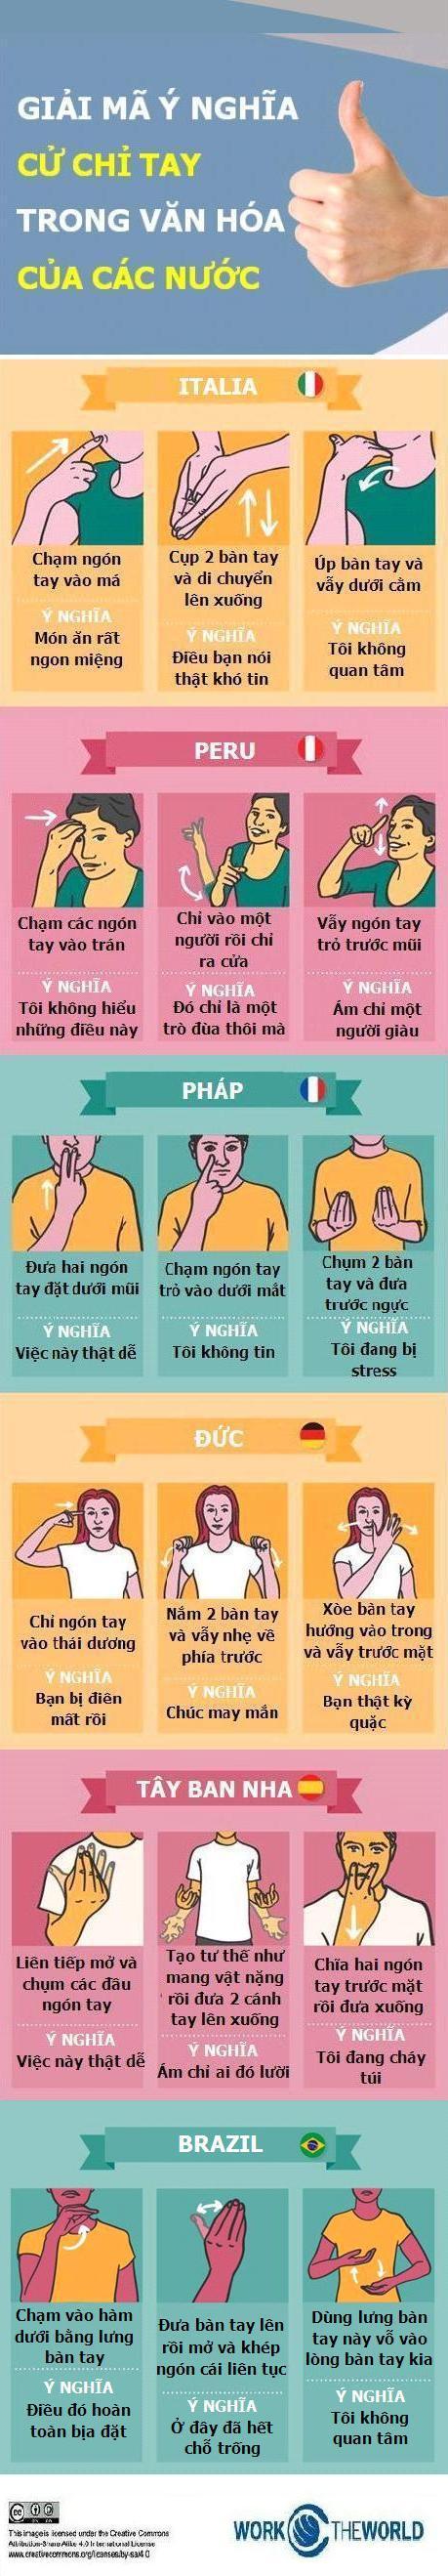 Giải mã ý nghĩa của các cử chỉ tay trong văn hóa mỗi nước - 1